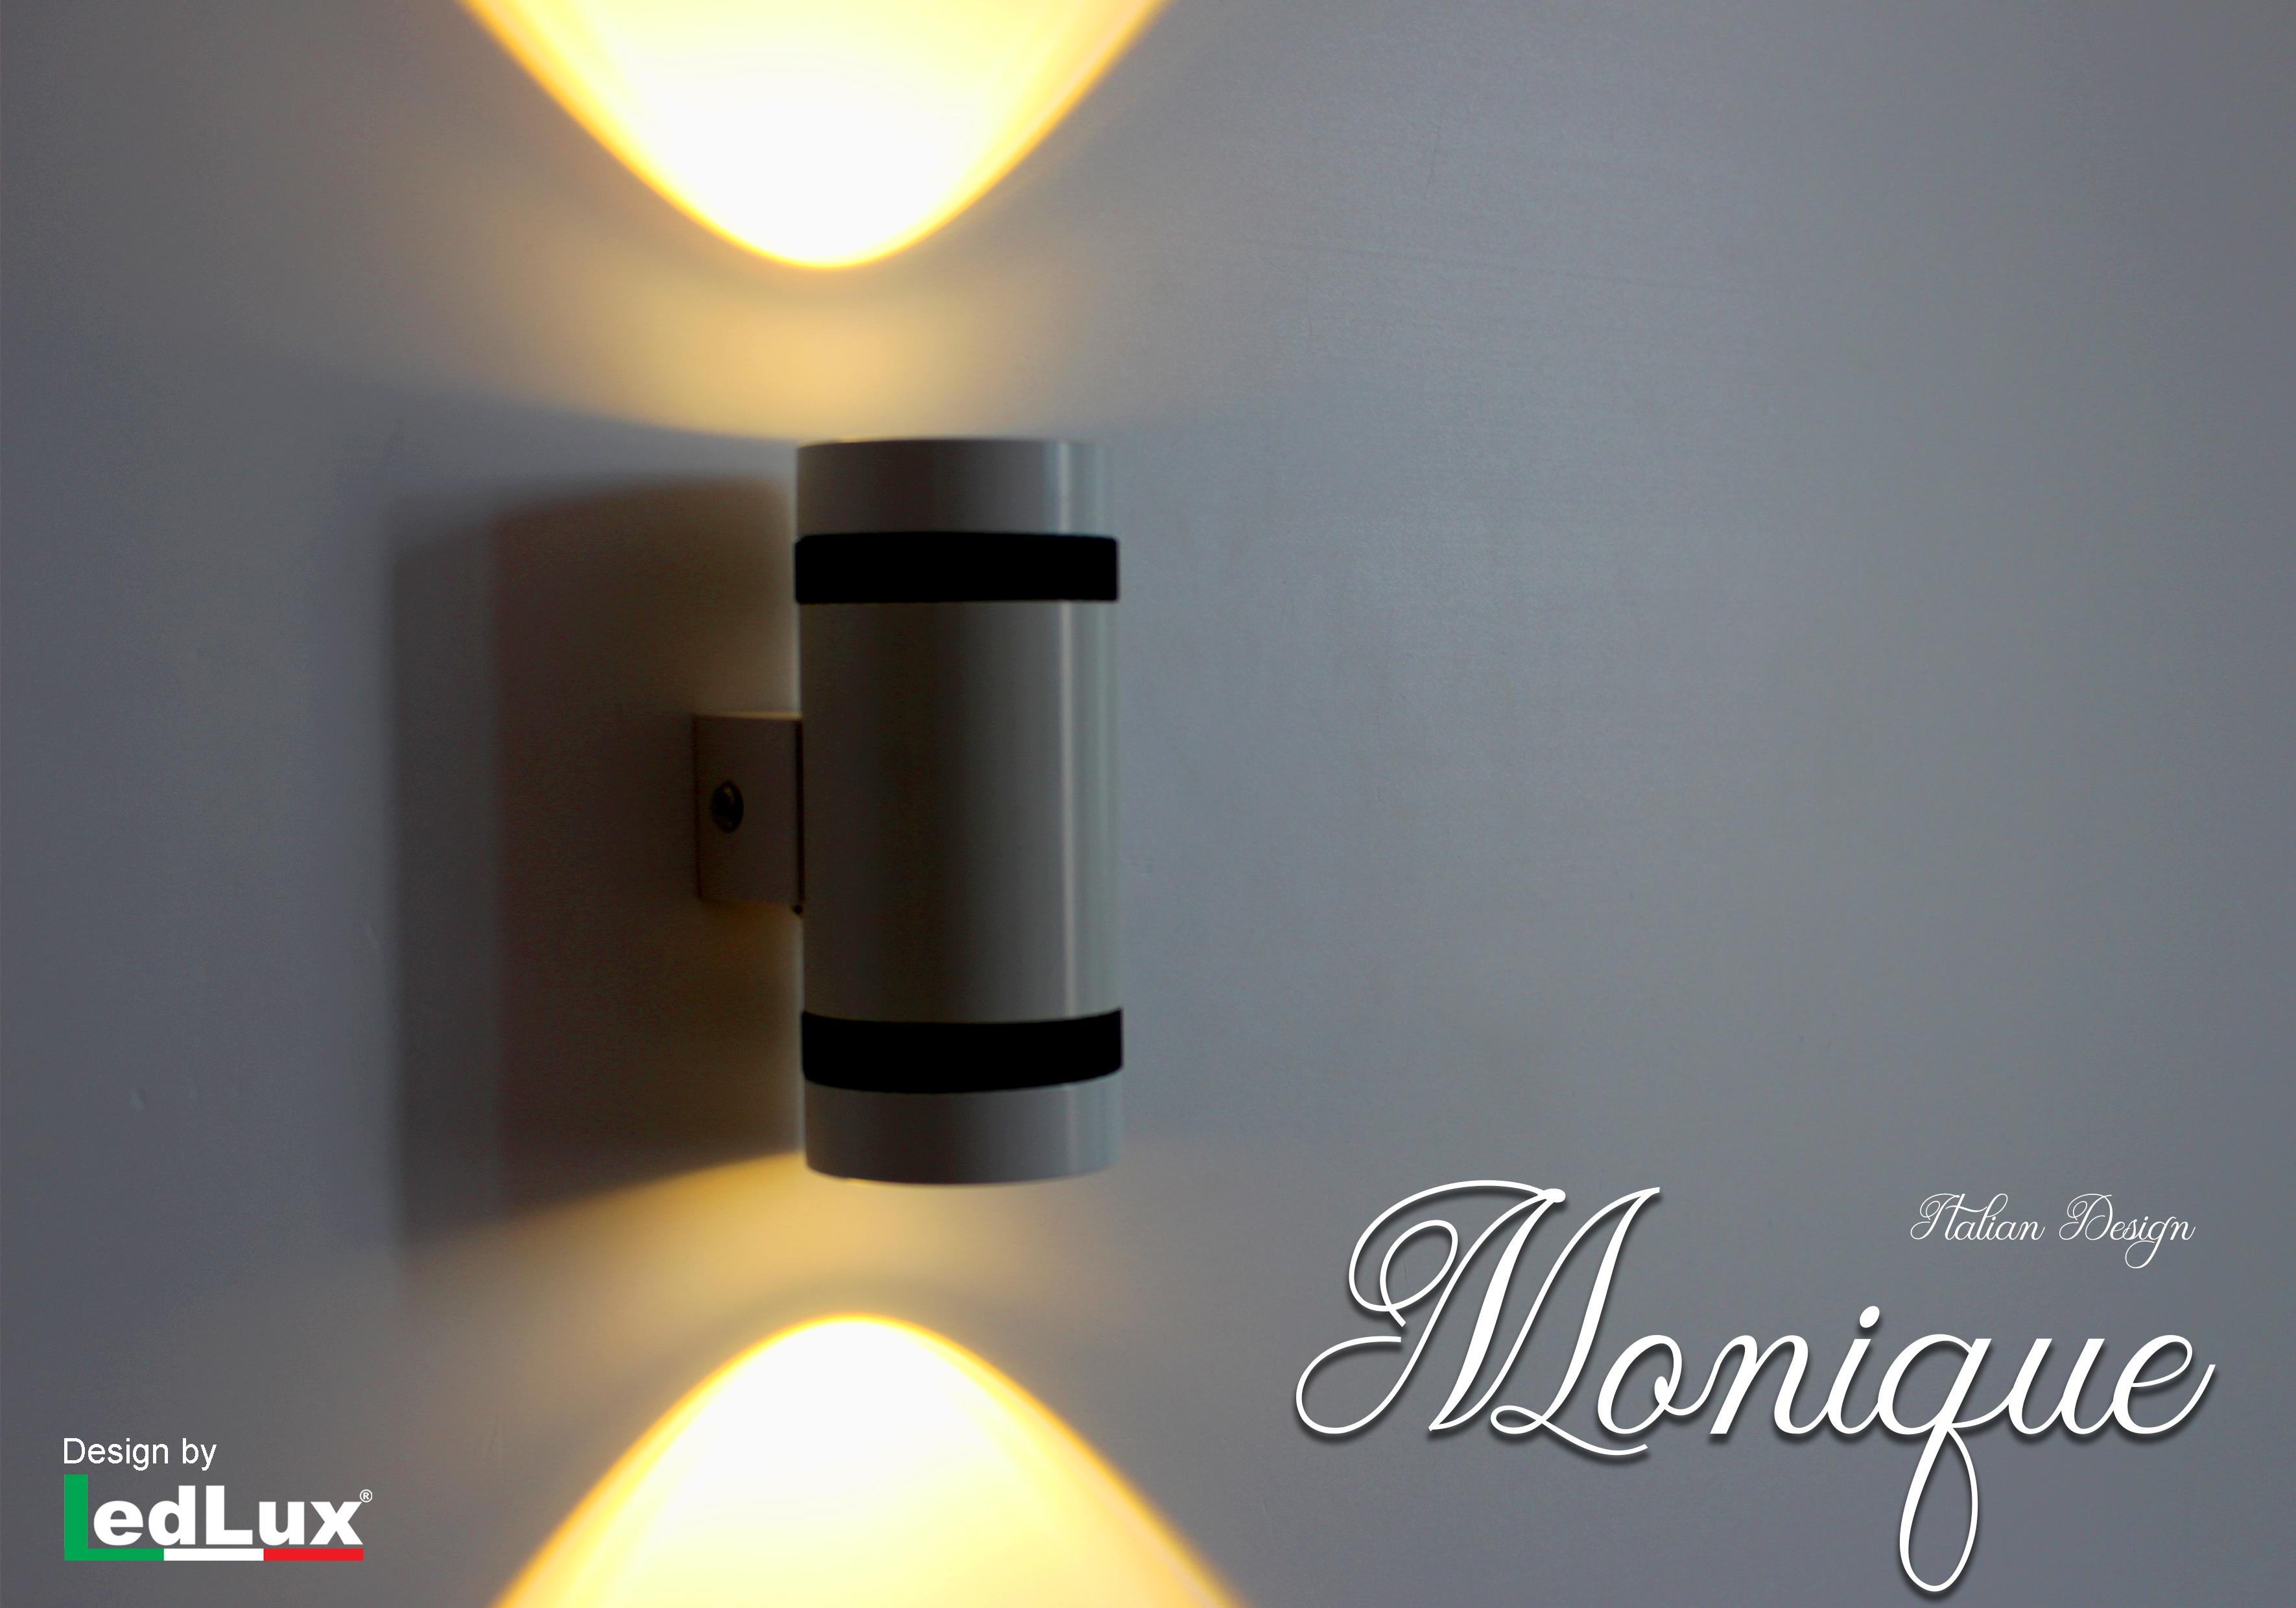 Applique Led Da Parete Modello Monique Italian Design Moderna 6W Doppio Illuminazione Bianco Caldo - PZ